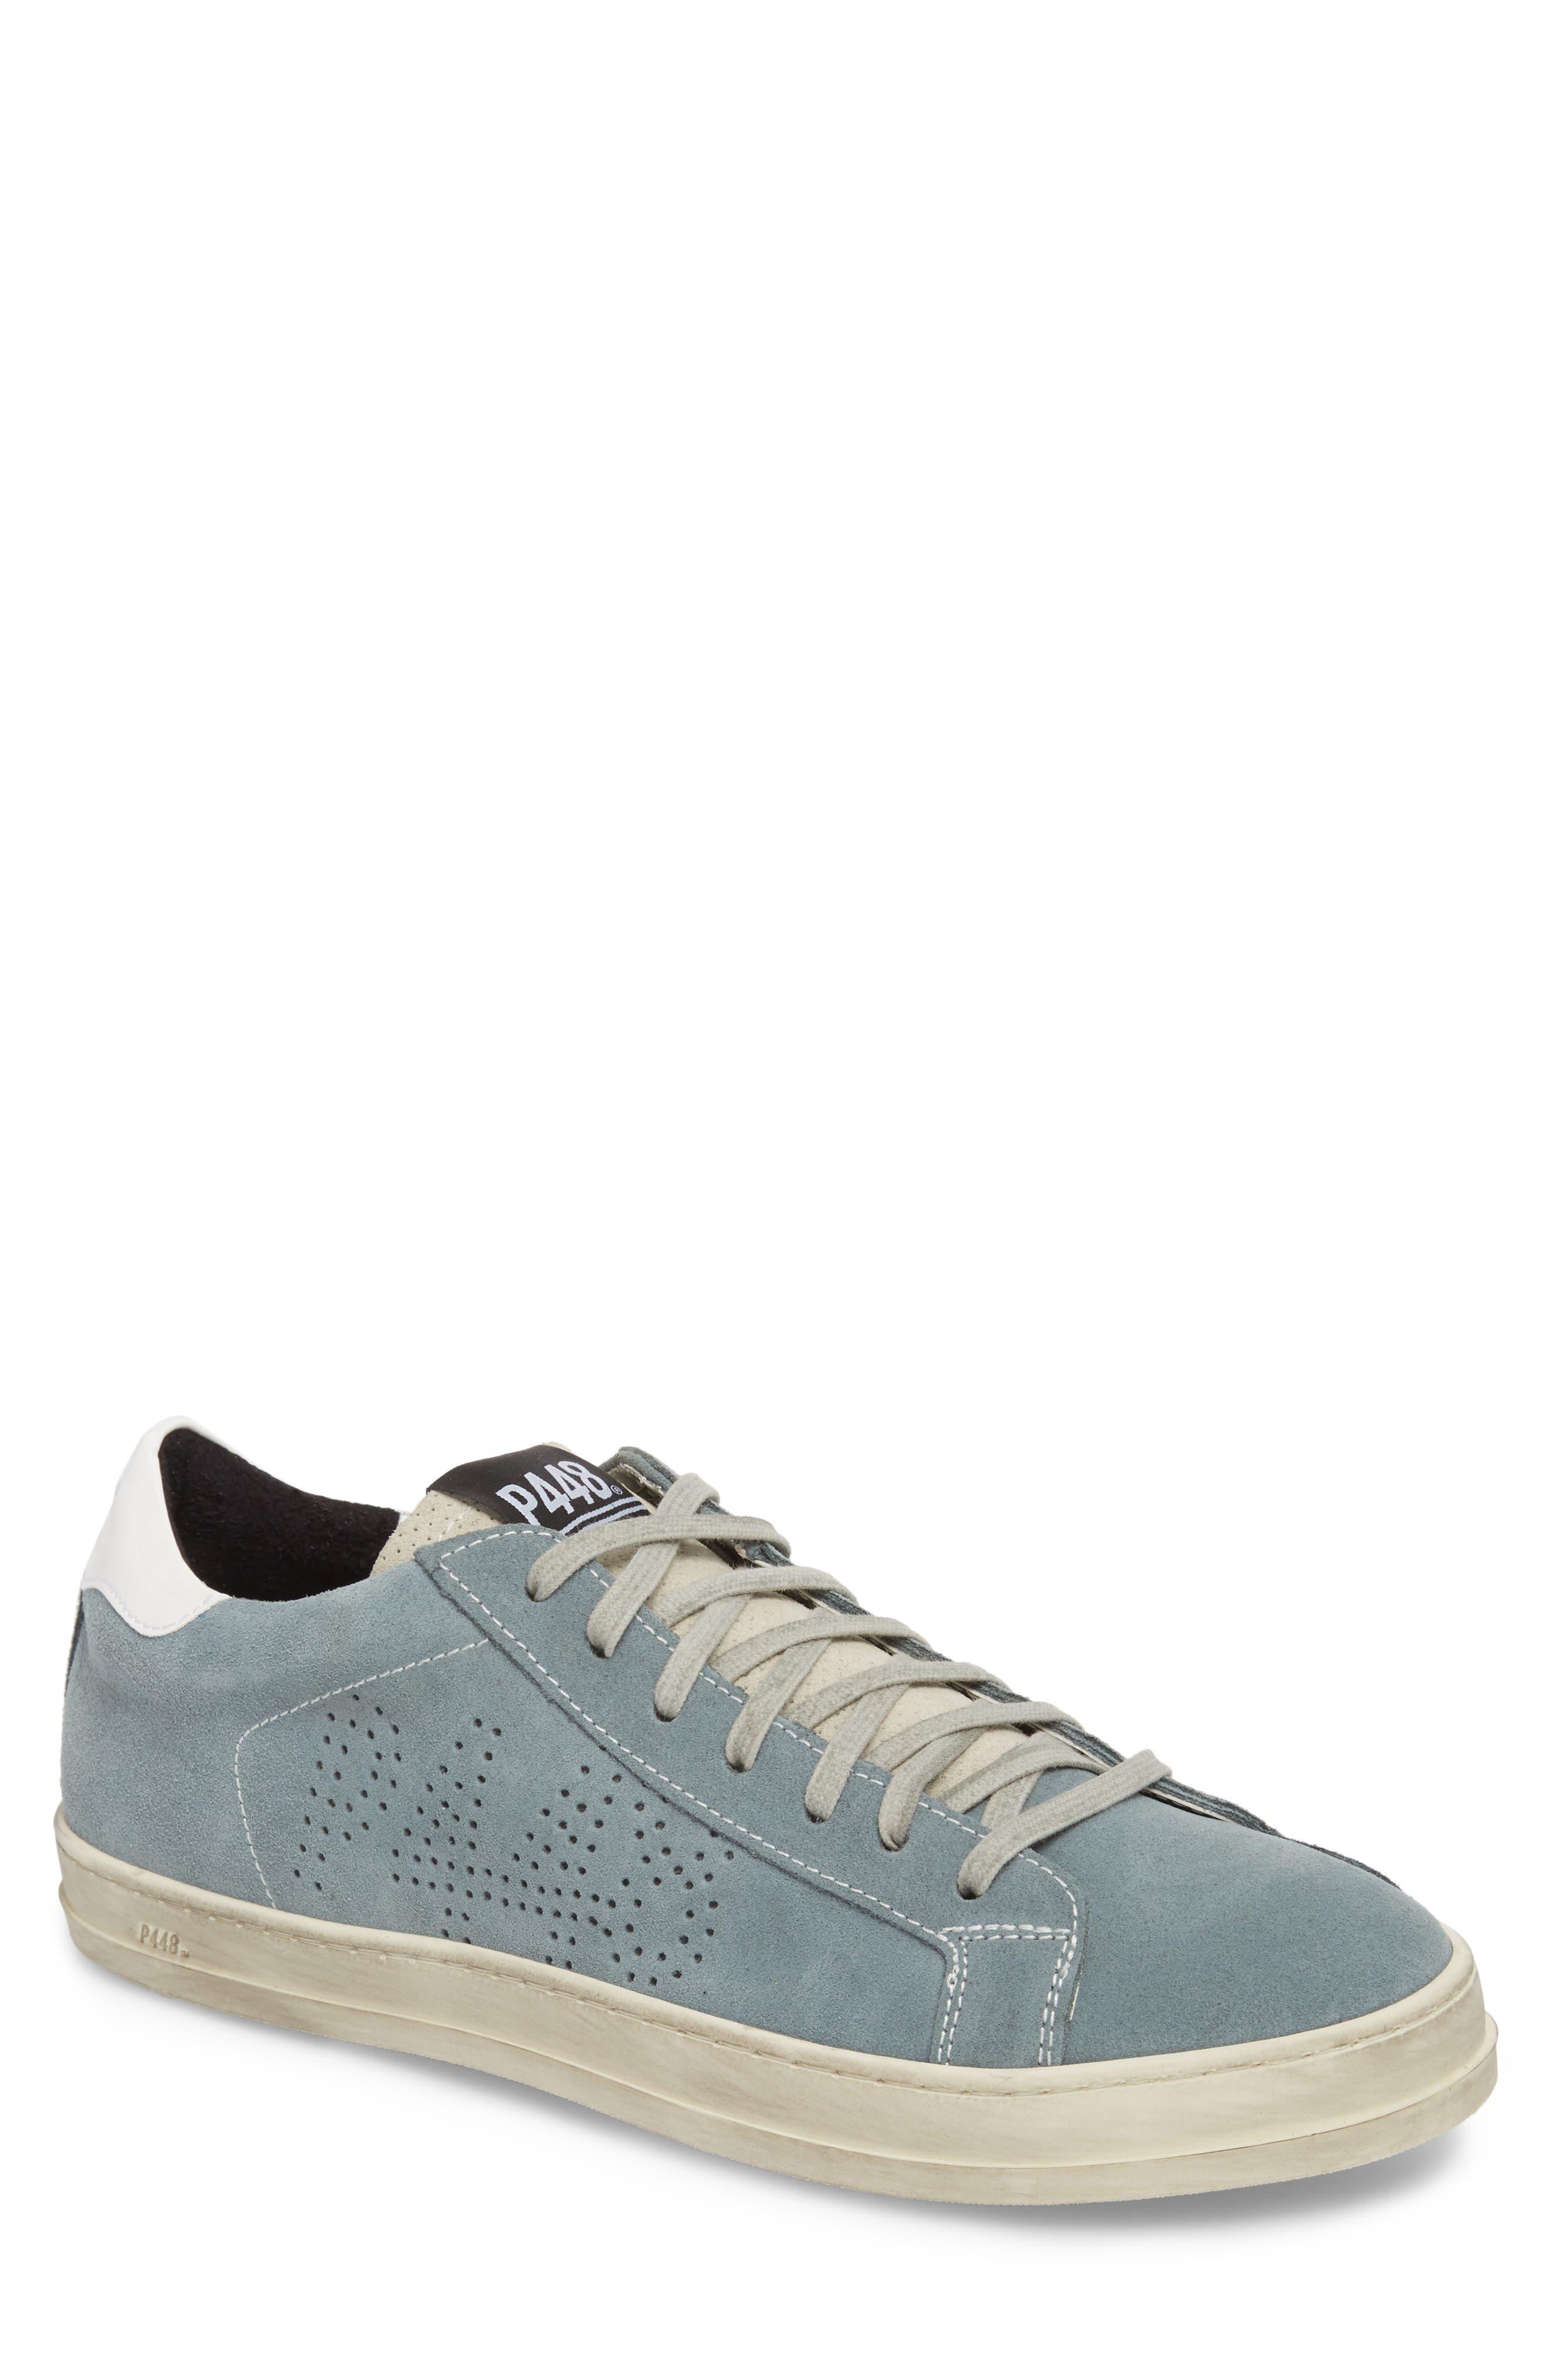 P448 John Low Top Sneaker (Men)